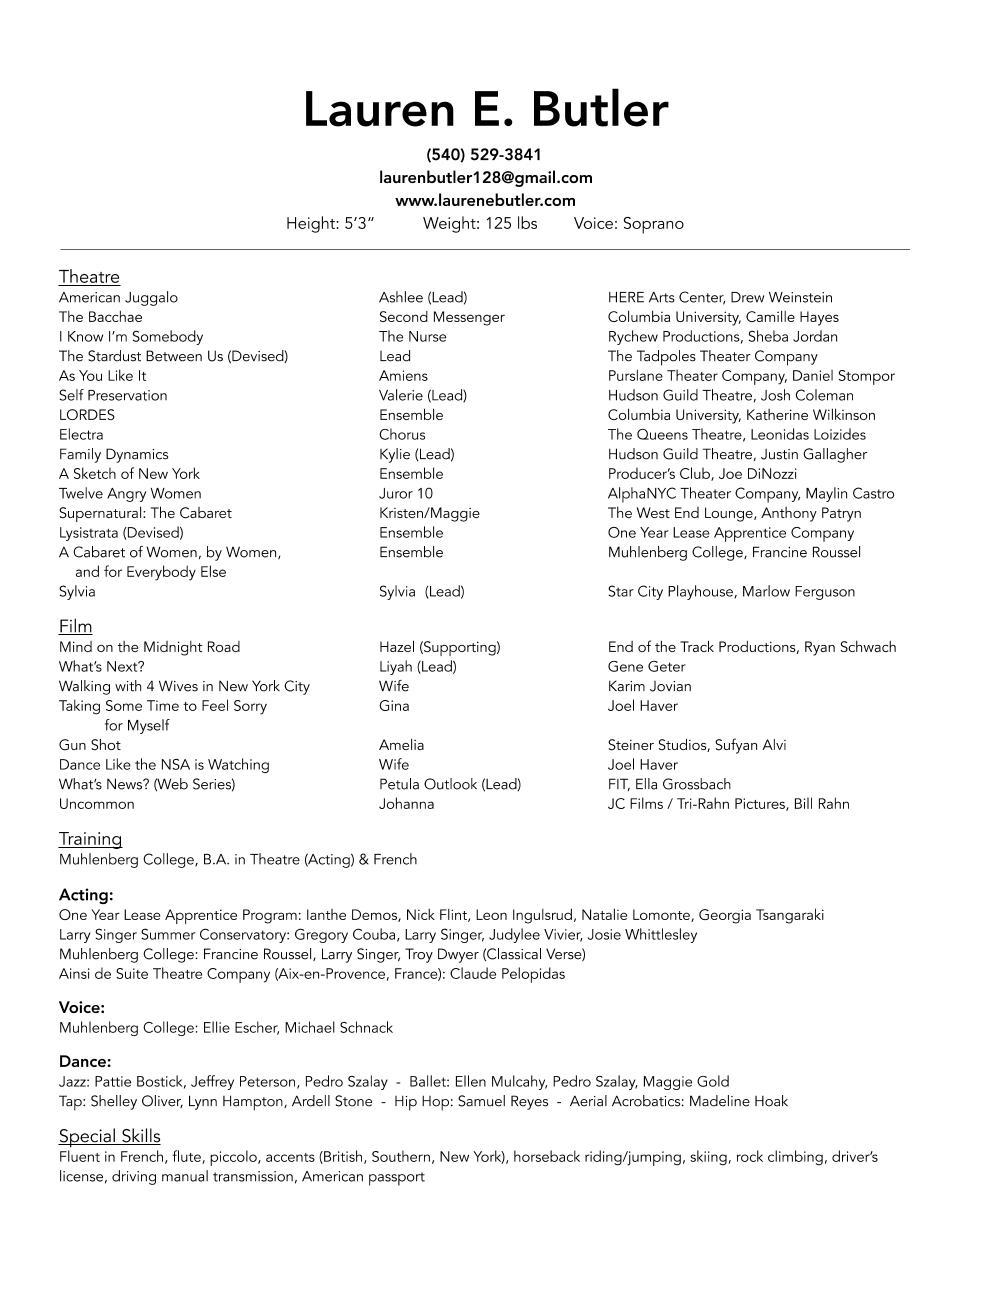 Lauren E. Butler - Acting Resume.jpg